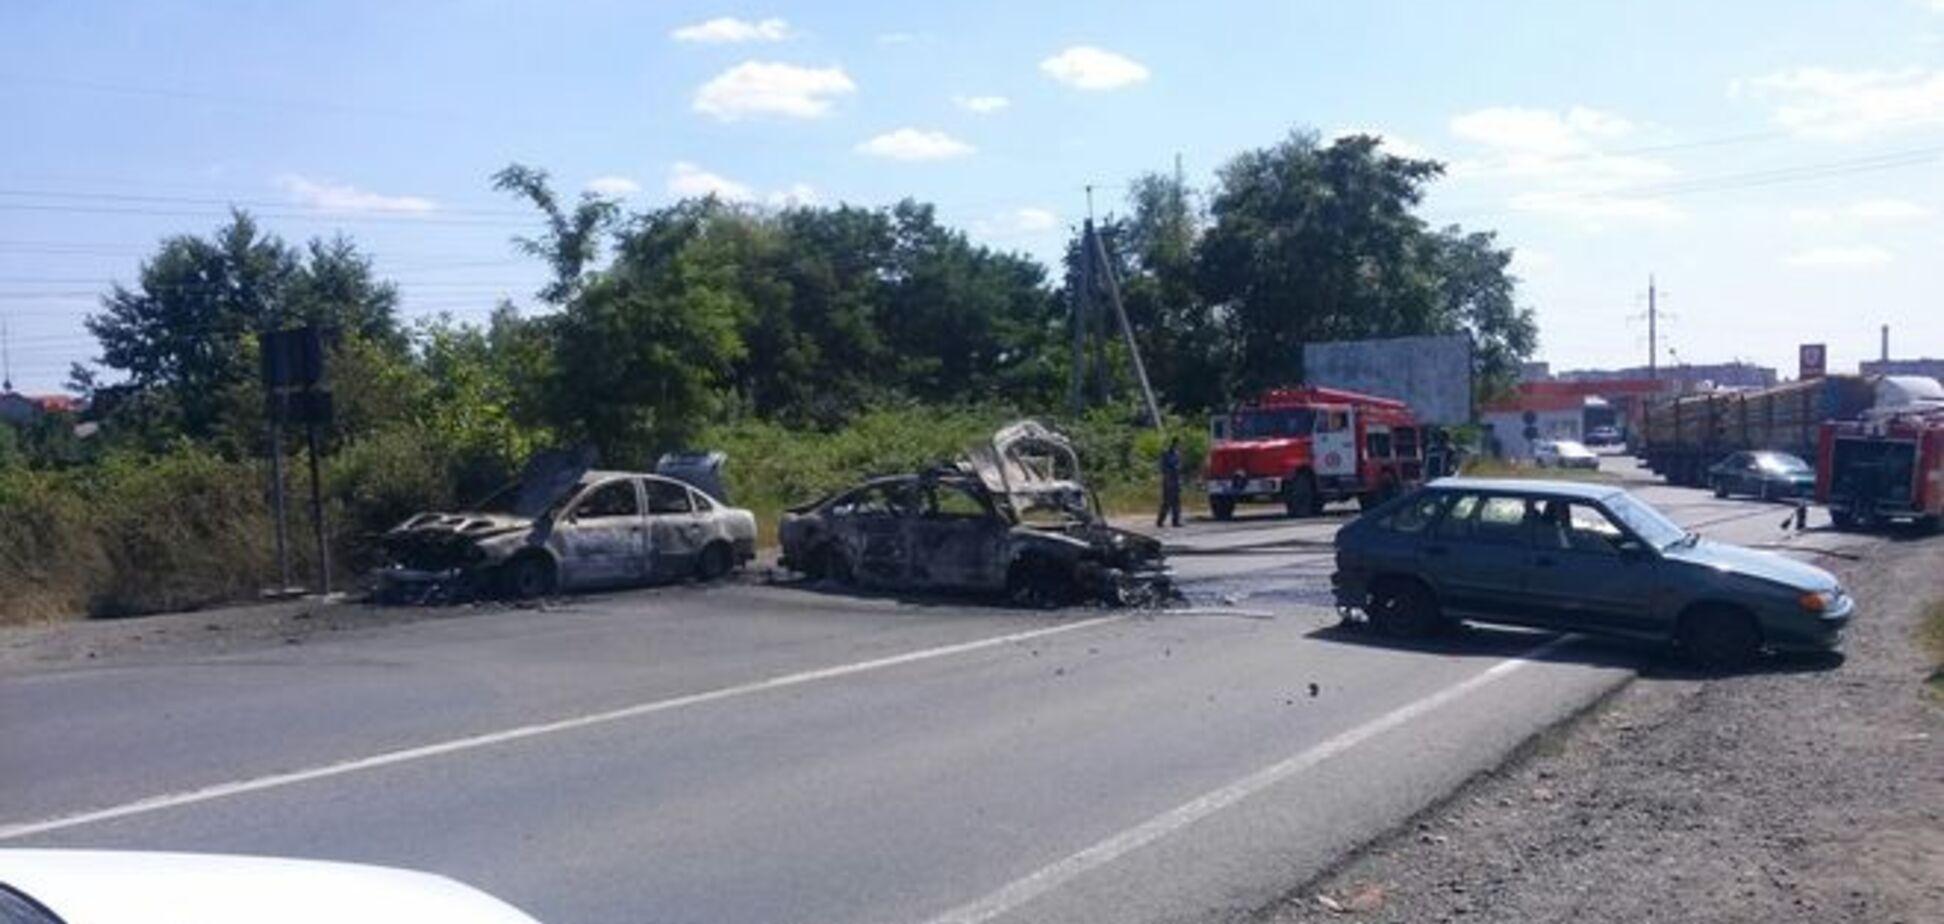 При перестрелке в Мукачево использовали тяжелое оружие